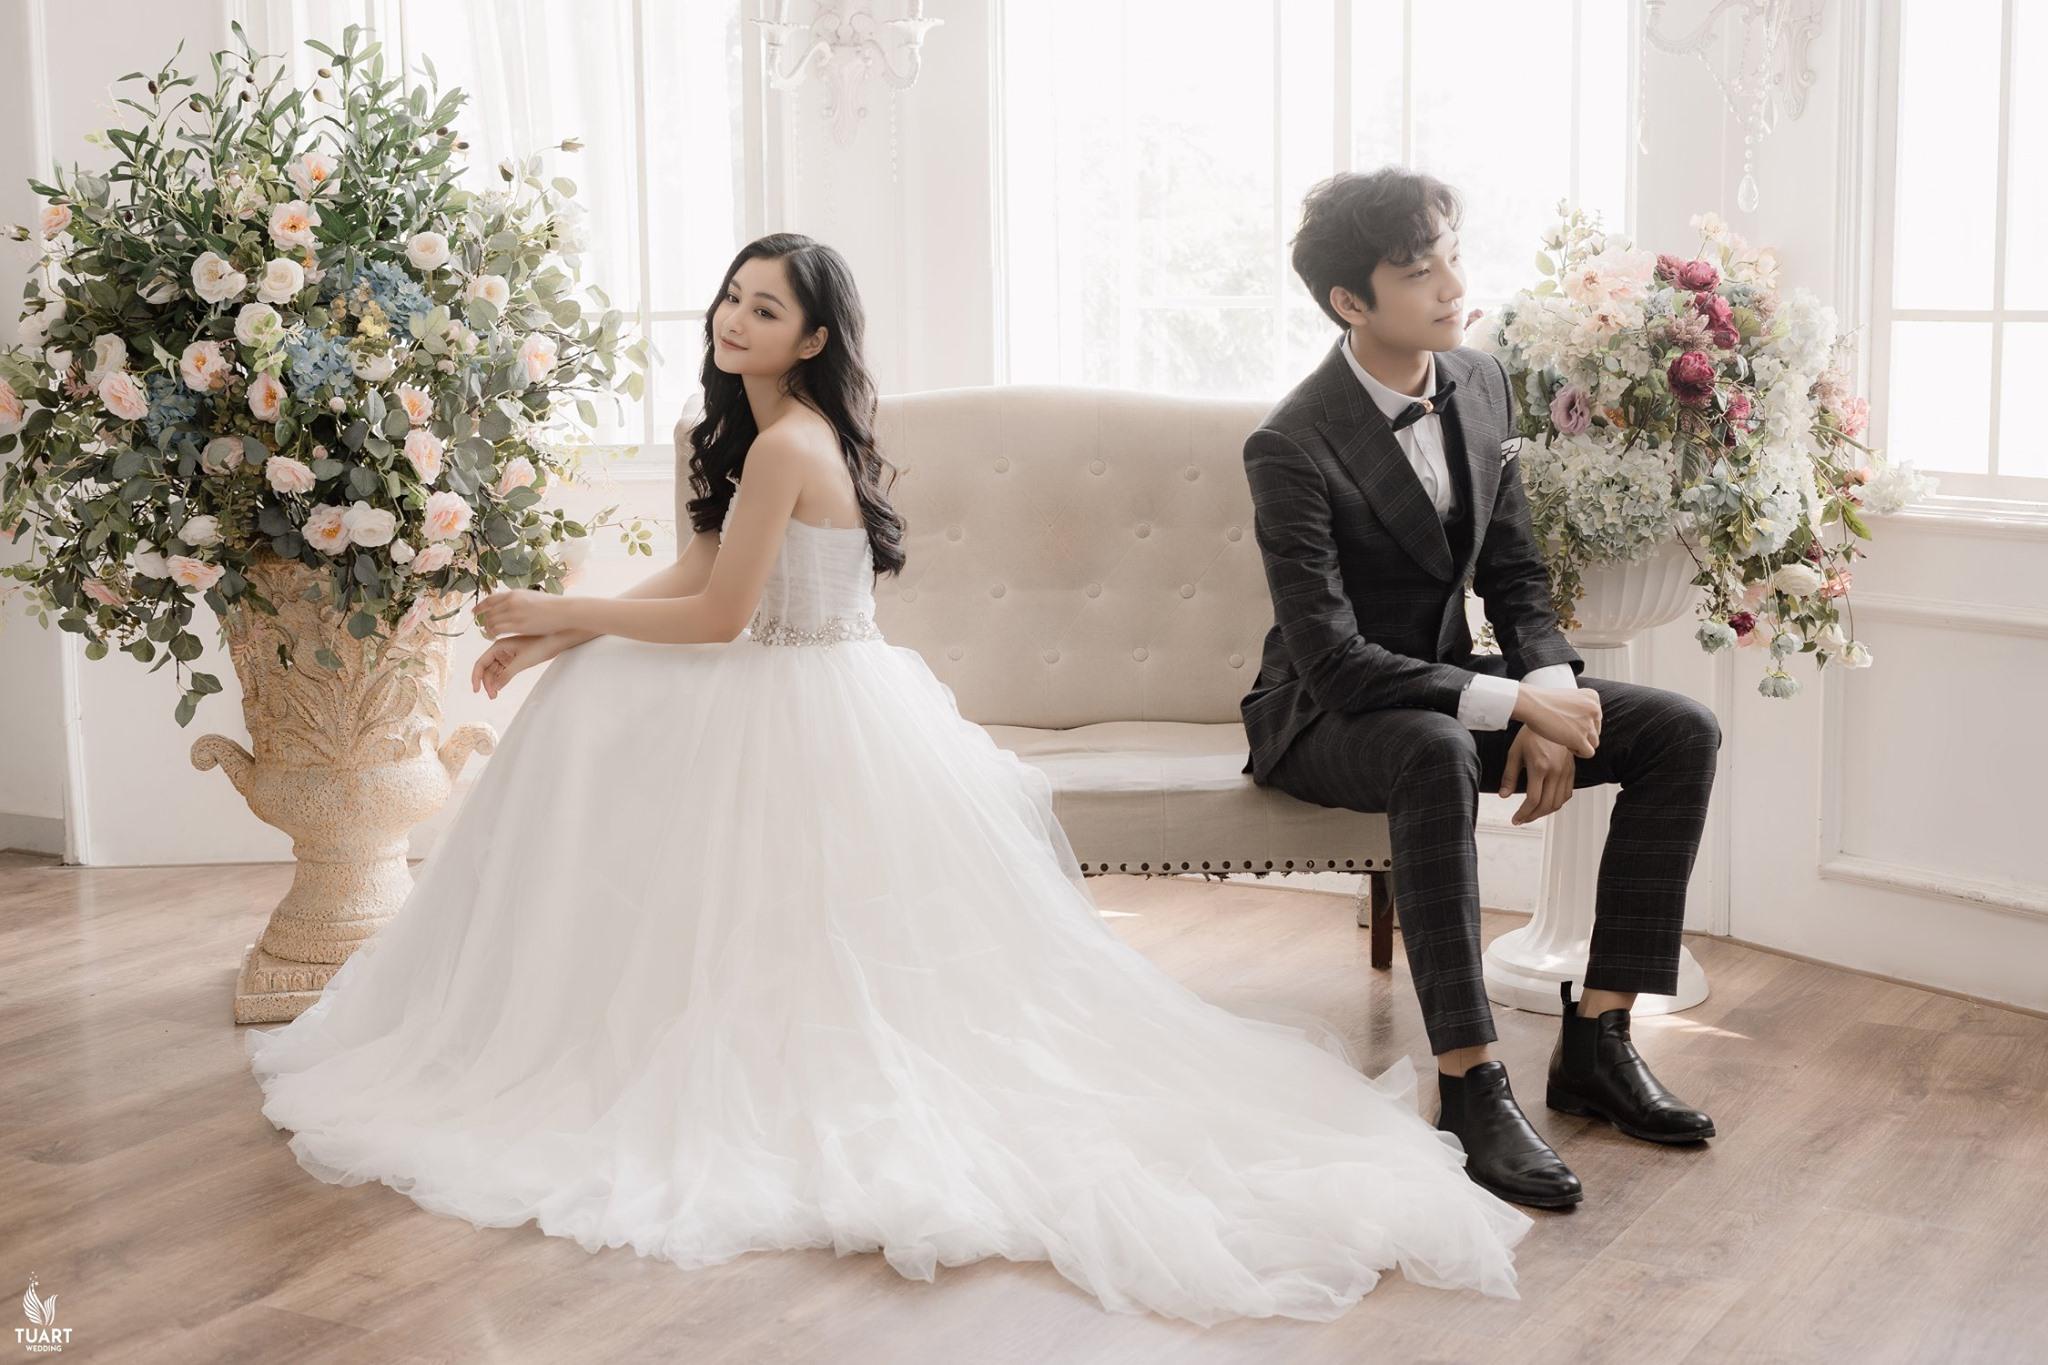 Album tại TuArt - Album chụp ảnh cưới đẹp phong cách Hàn Quốc 20